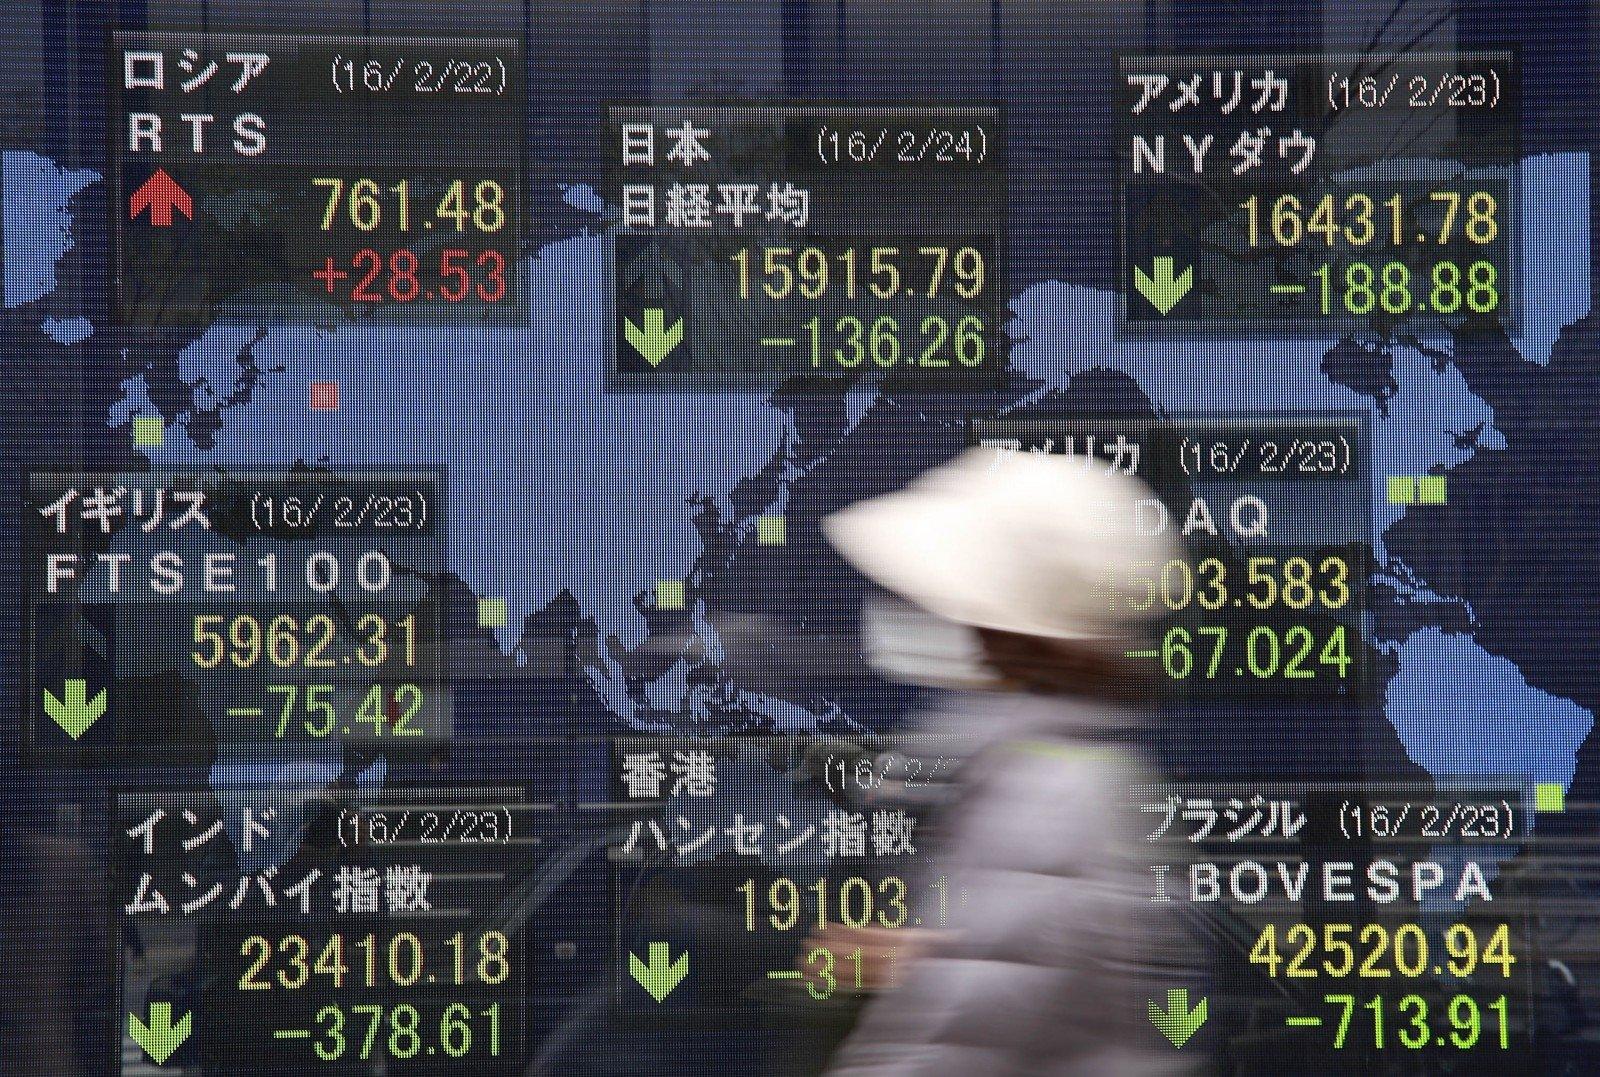 akcijų prekybos tendencijos trumpa pasirinkimo pozicija